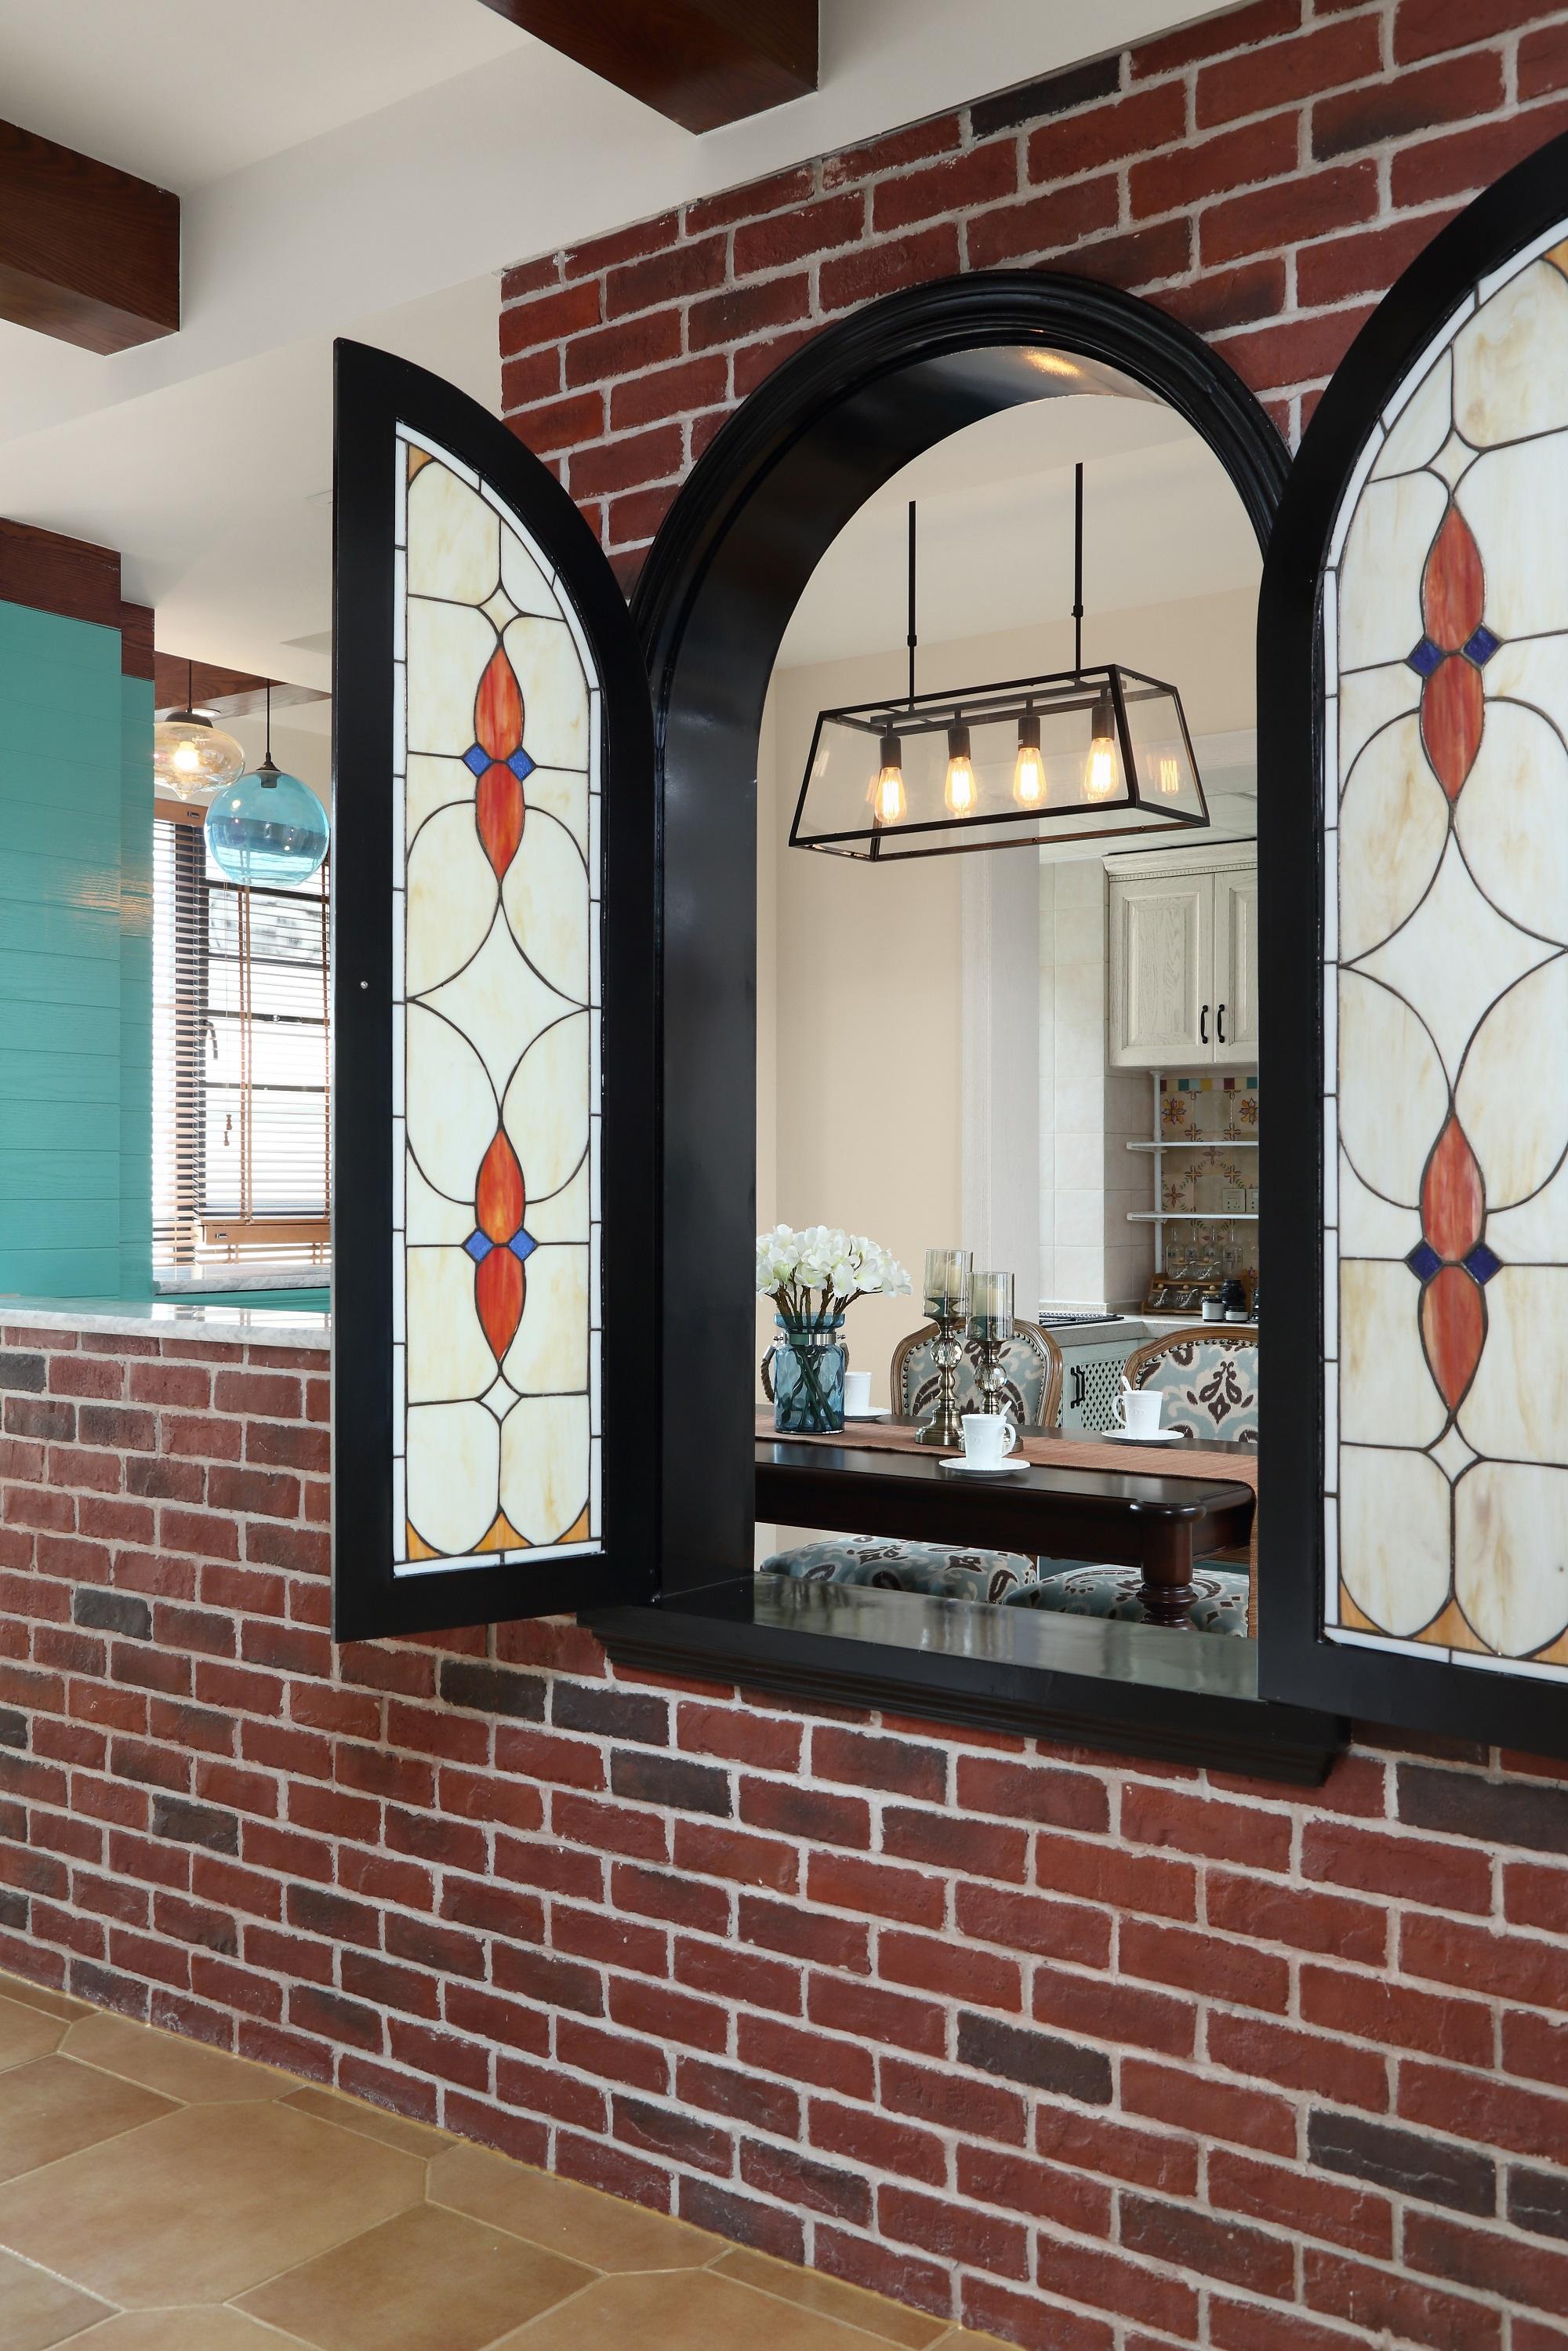 复式美式风格装修弧形窗设计